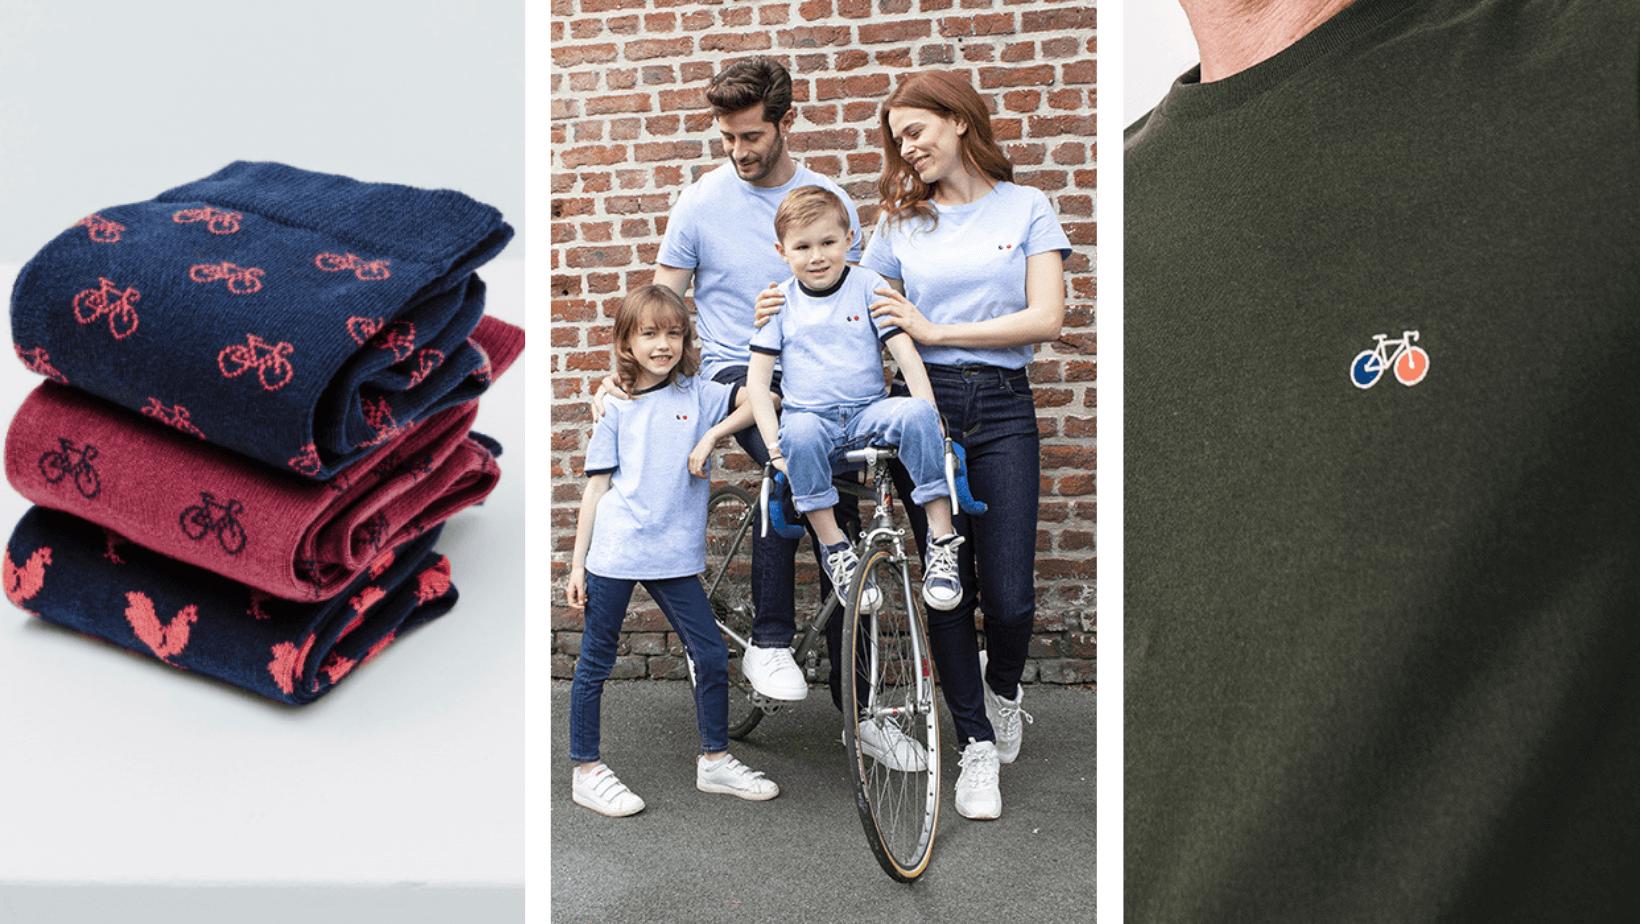 La Gentle Factory vêtements bio et recyclés made in France